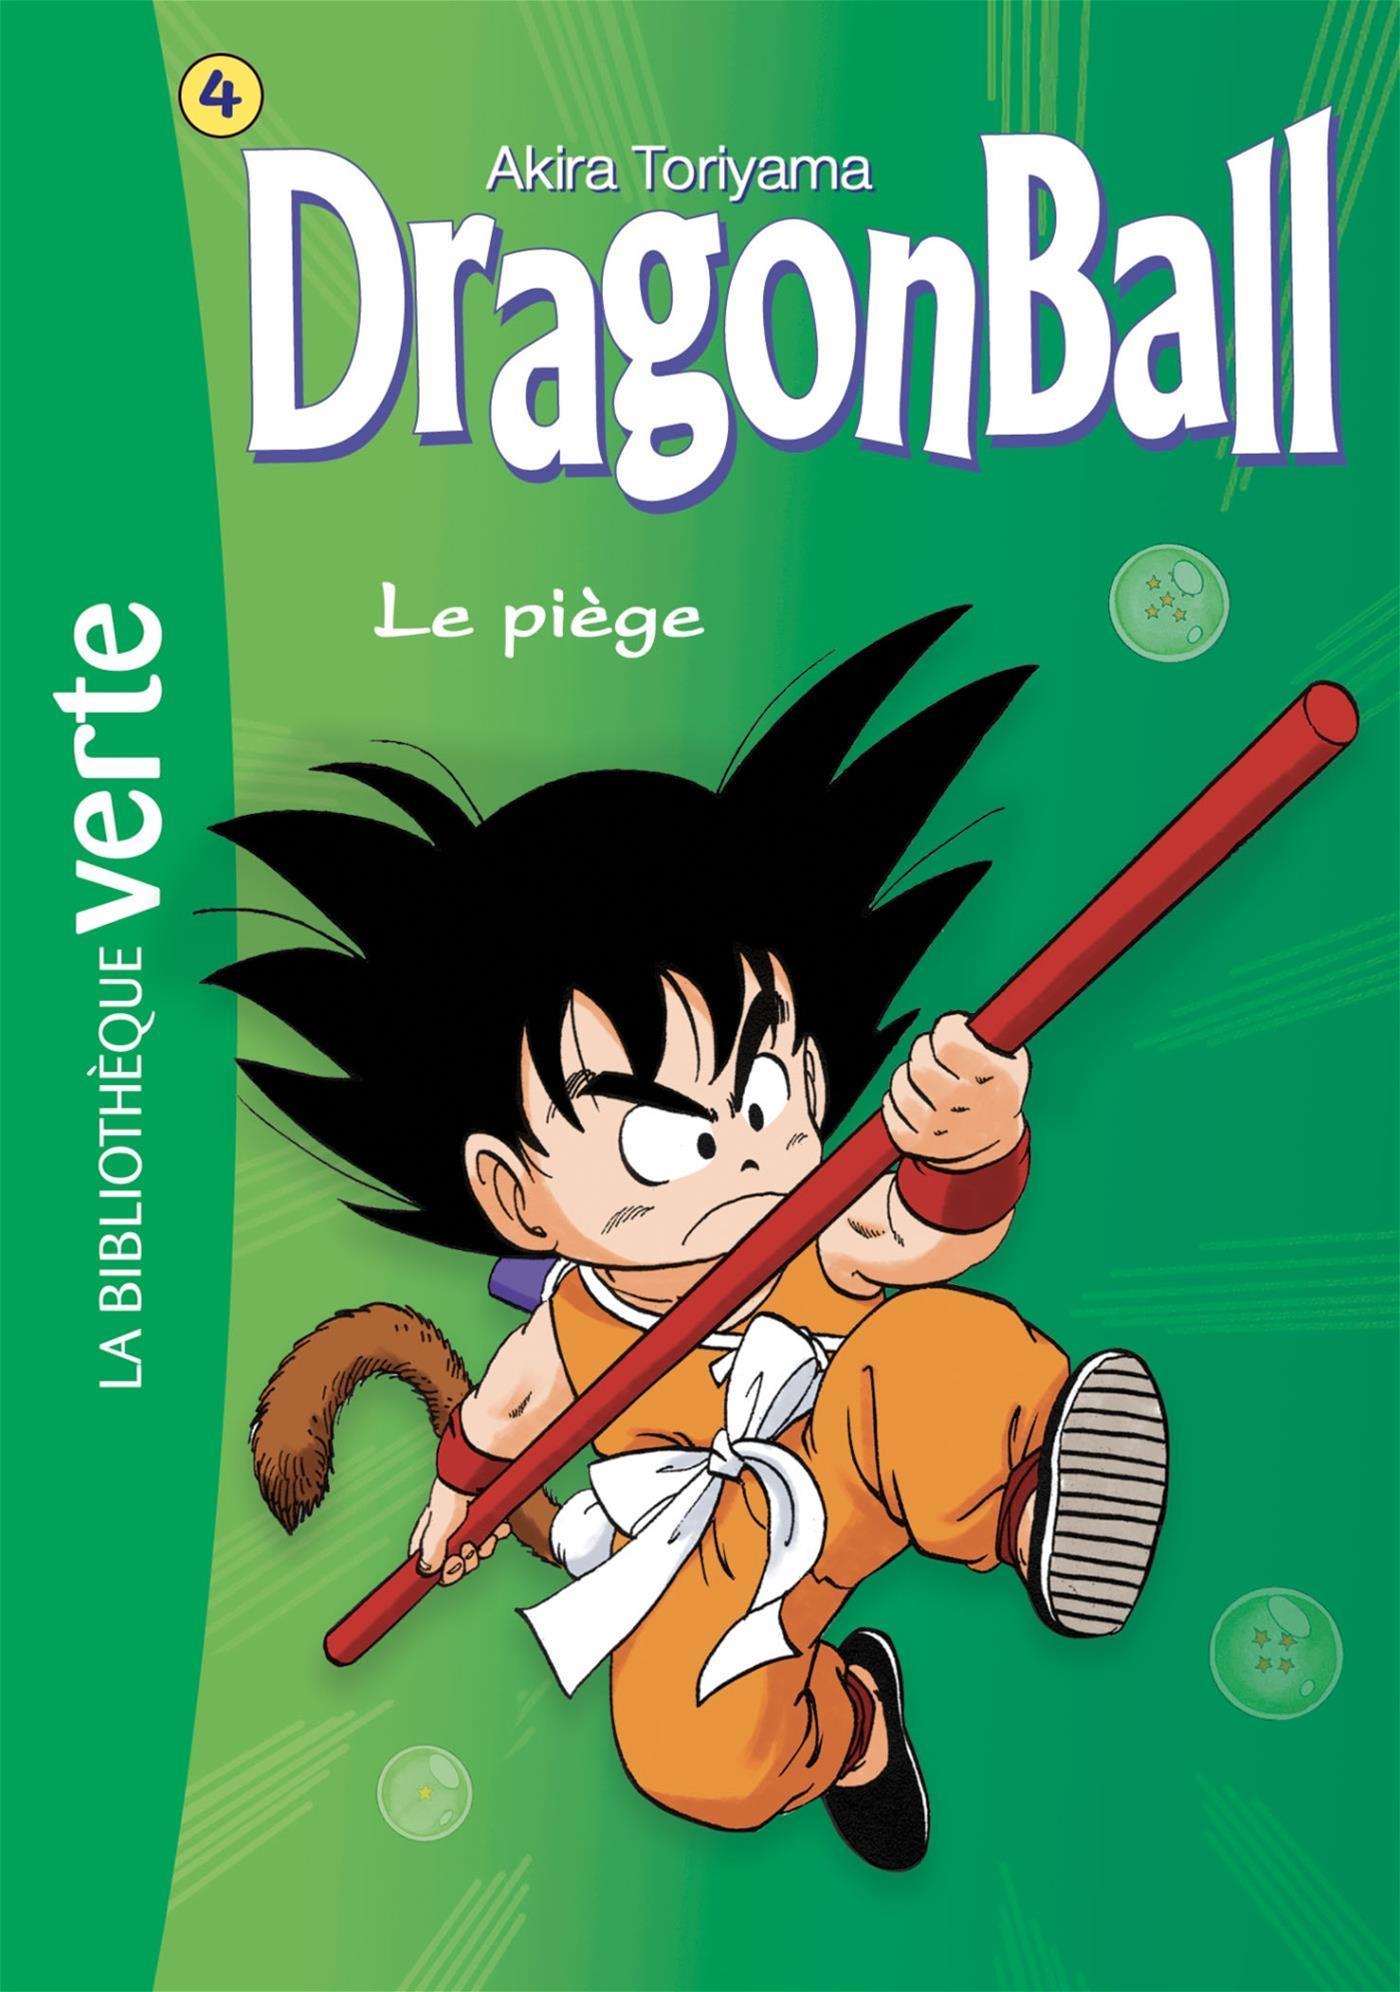 Livre Dragon Ball Nº 4 Le Piege Messageries Adp